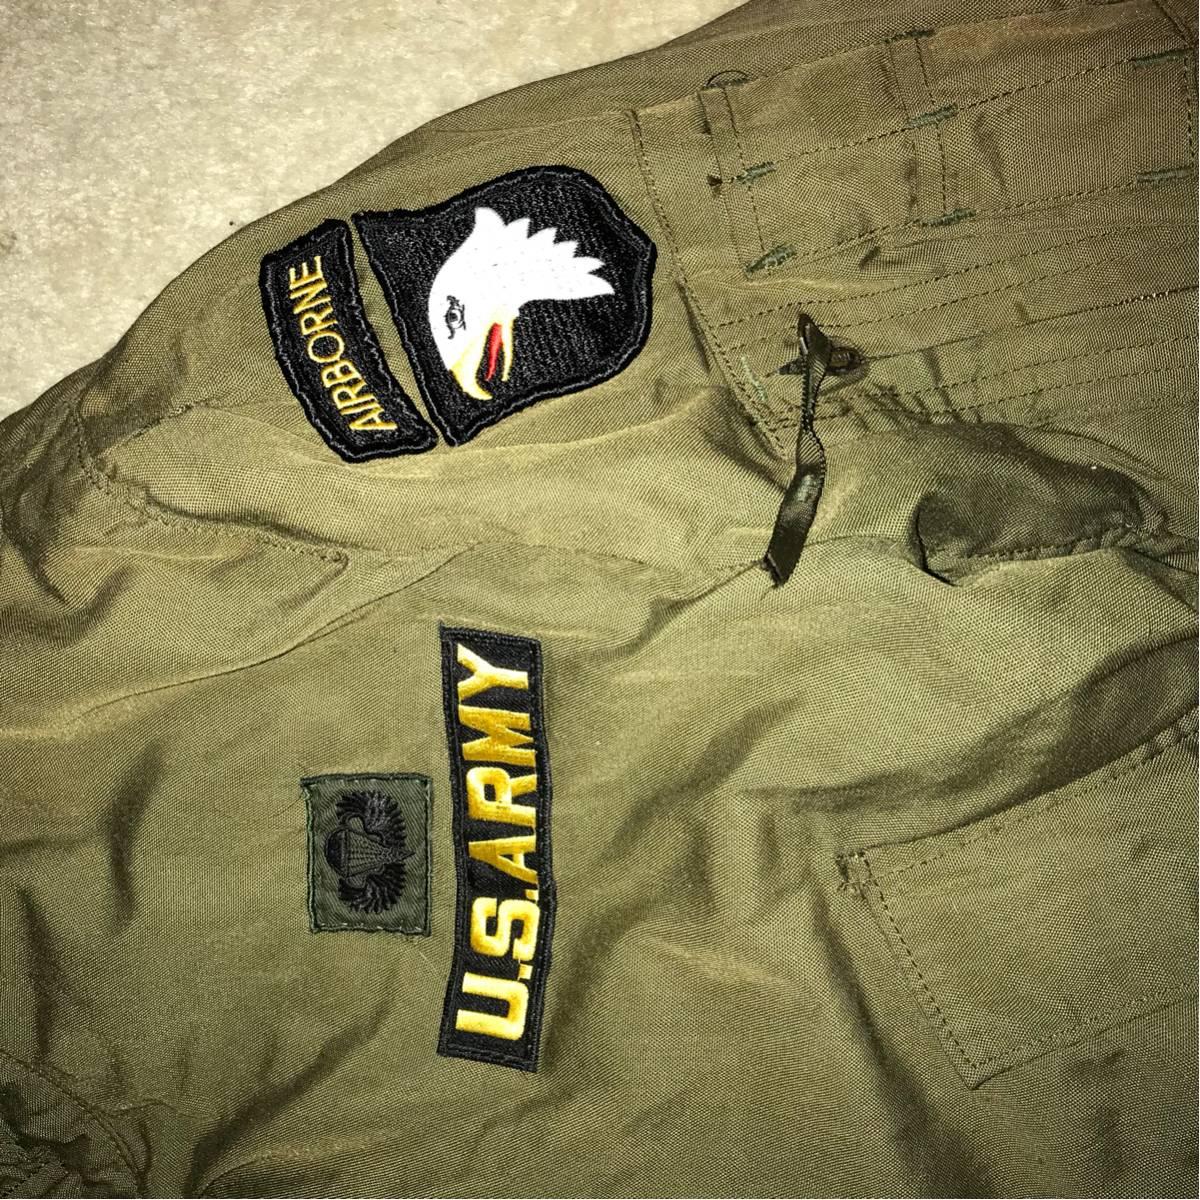 米軍実物 CVCジャケット タンカース カスタム M レギュラー コールドウェザー_画像3